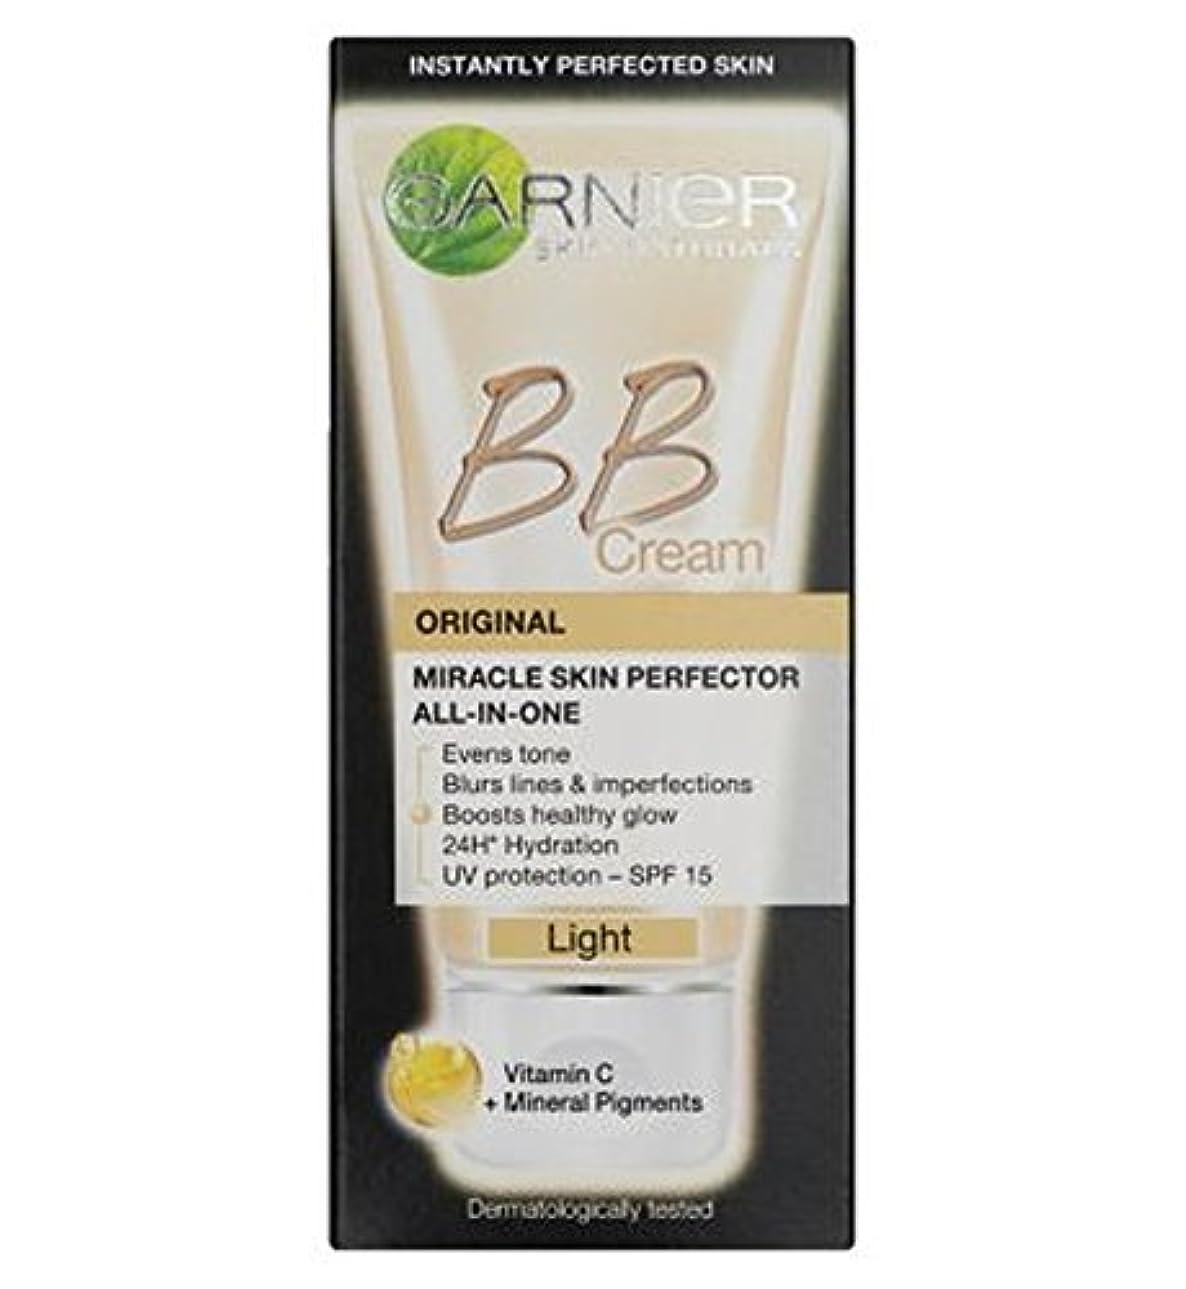 年次作業おびえたGarnier Skin Perfector Daily All-In-One B.B. Blemish Balm Cream Light 50ml - 毎日オールインワンB.B.ガルニエスキンパーフェク傷バームクリームライト...